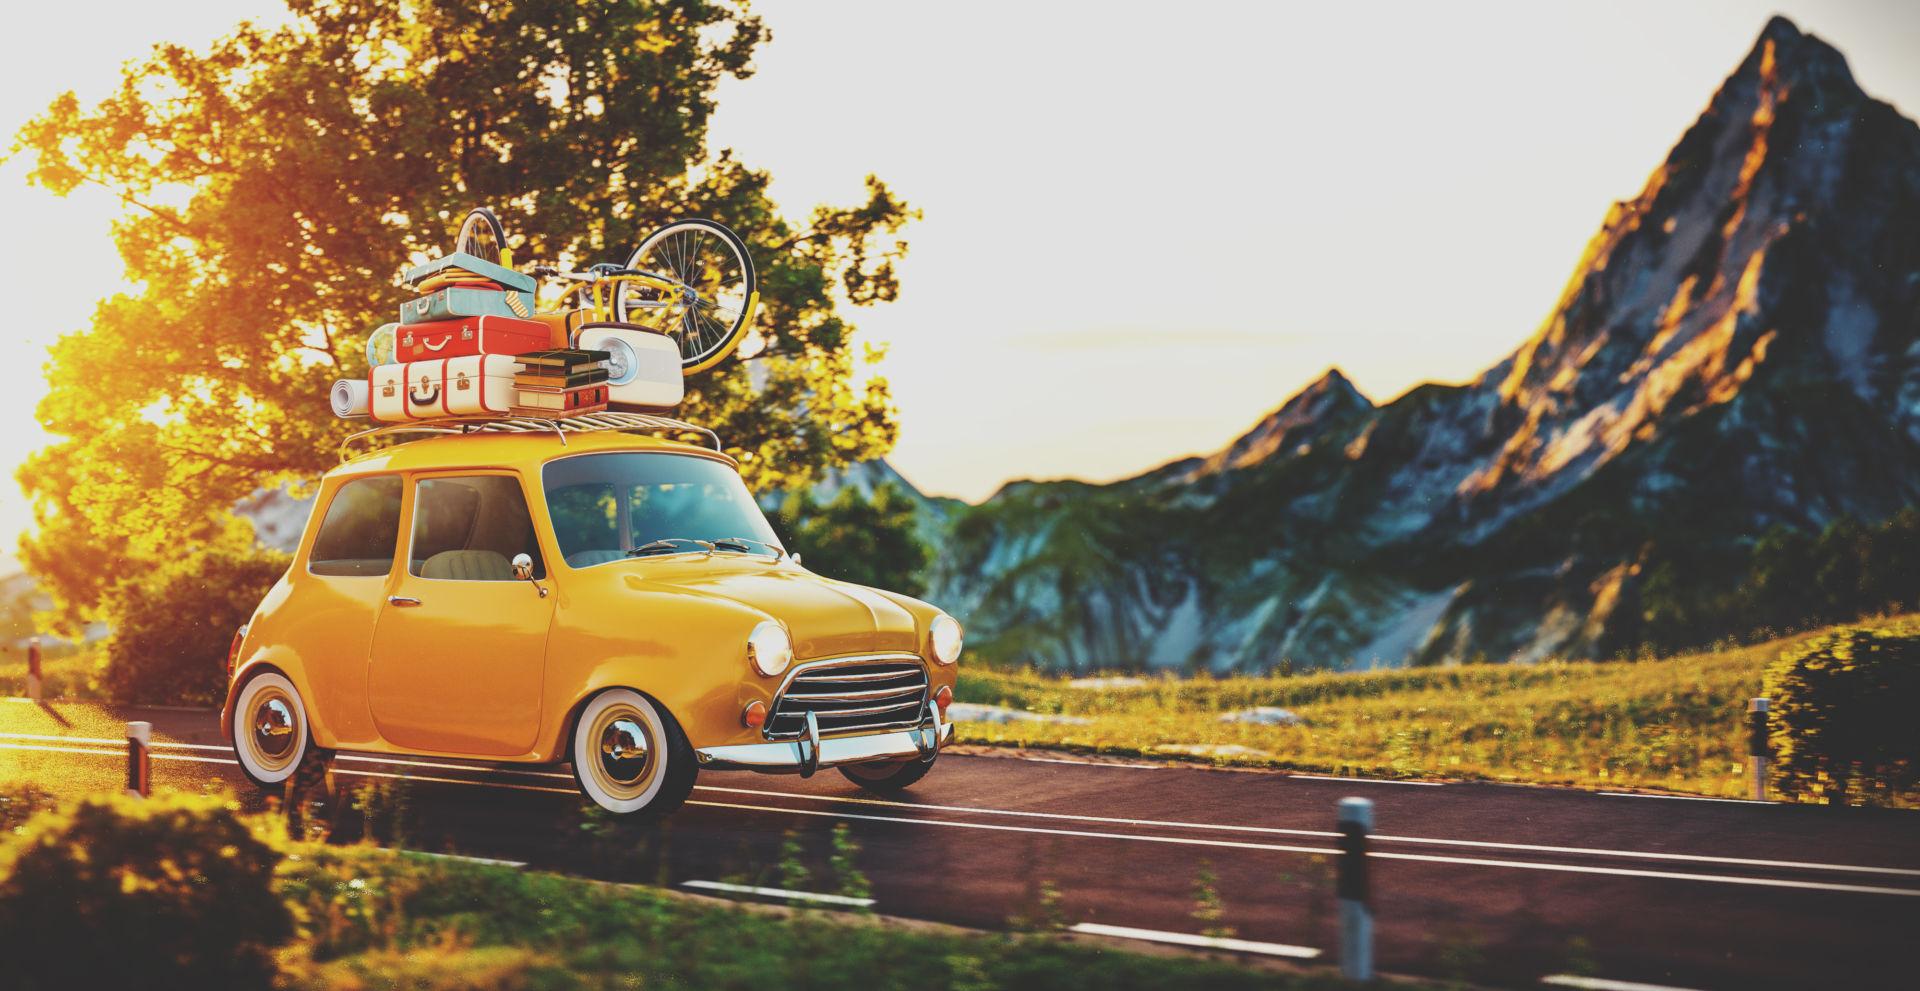 Keltainen pieni auto